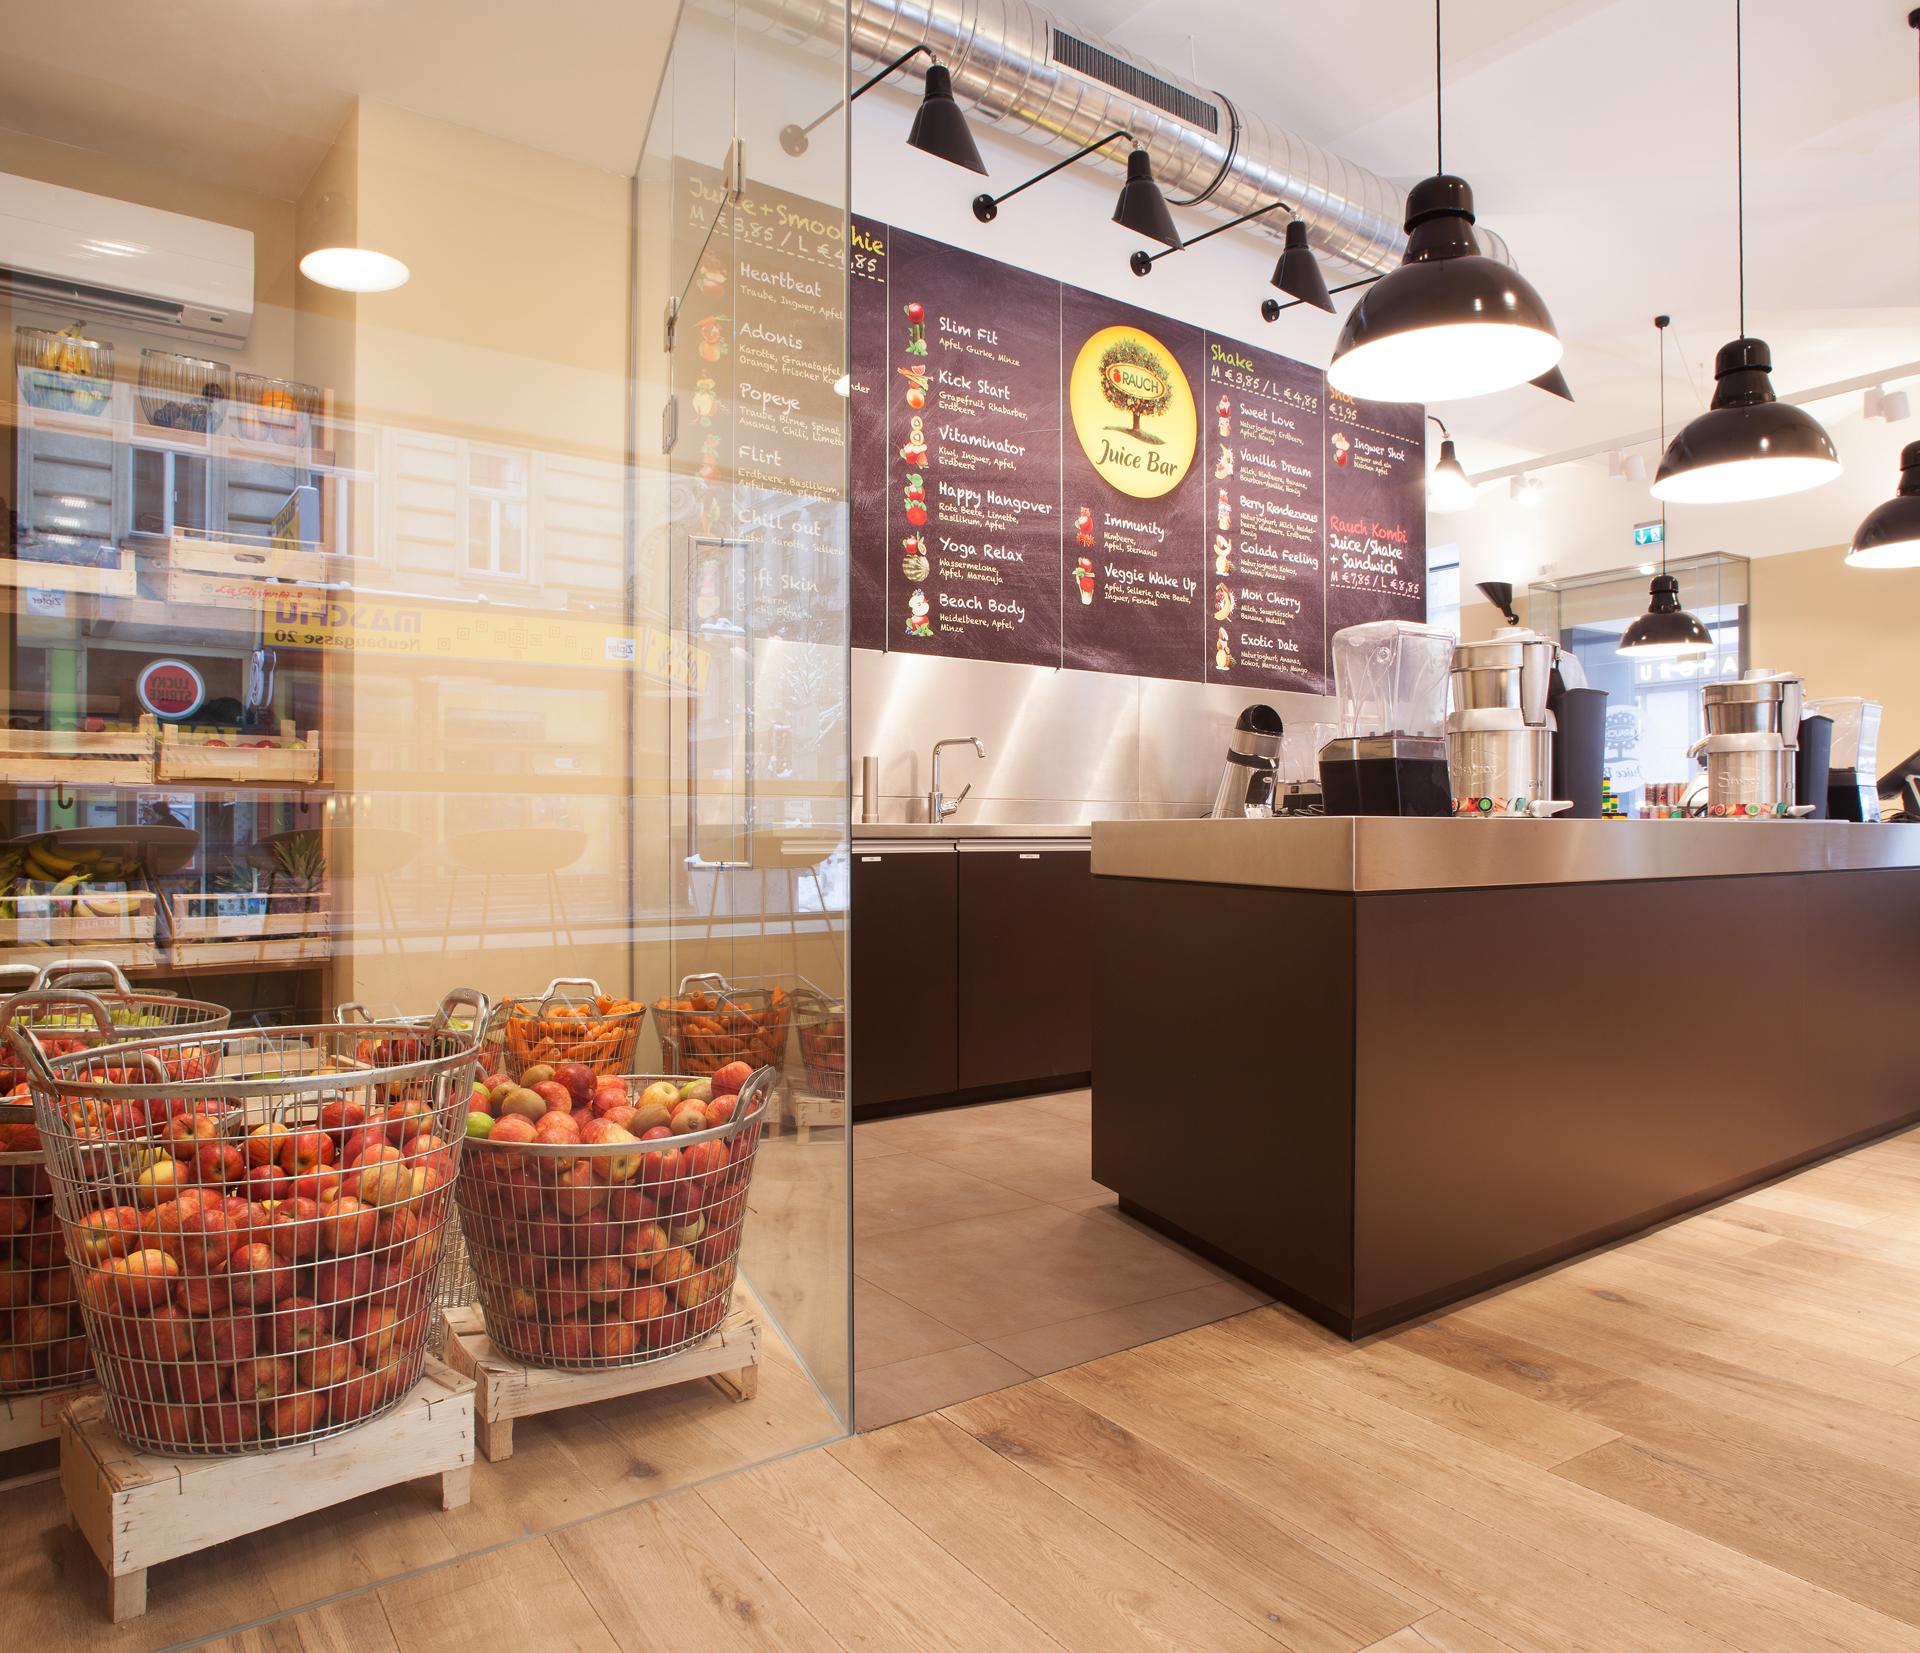 Detailansicht des Verkaufstresens und der Obstkörbe in der Rauch Juice Bar